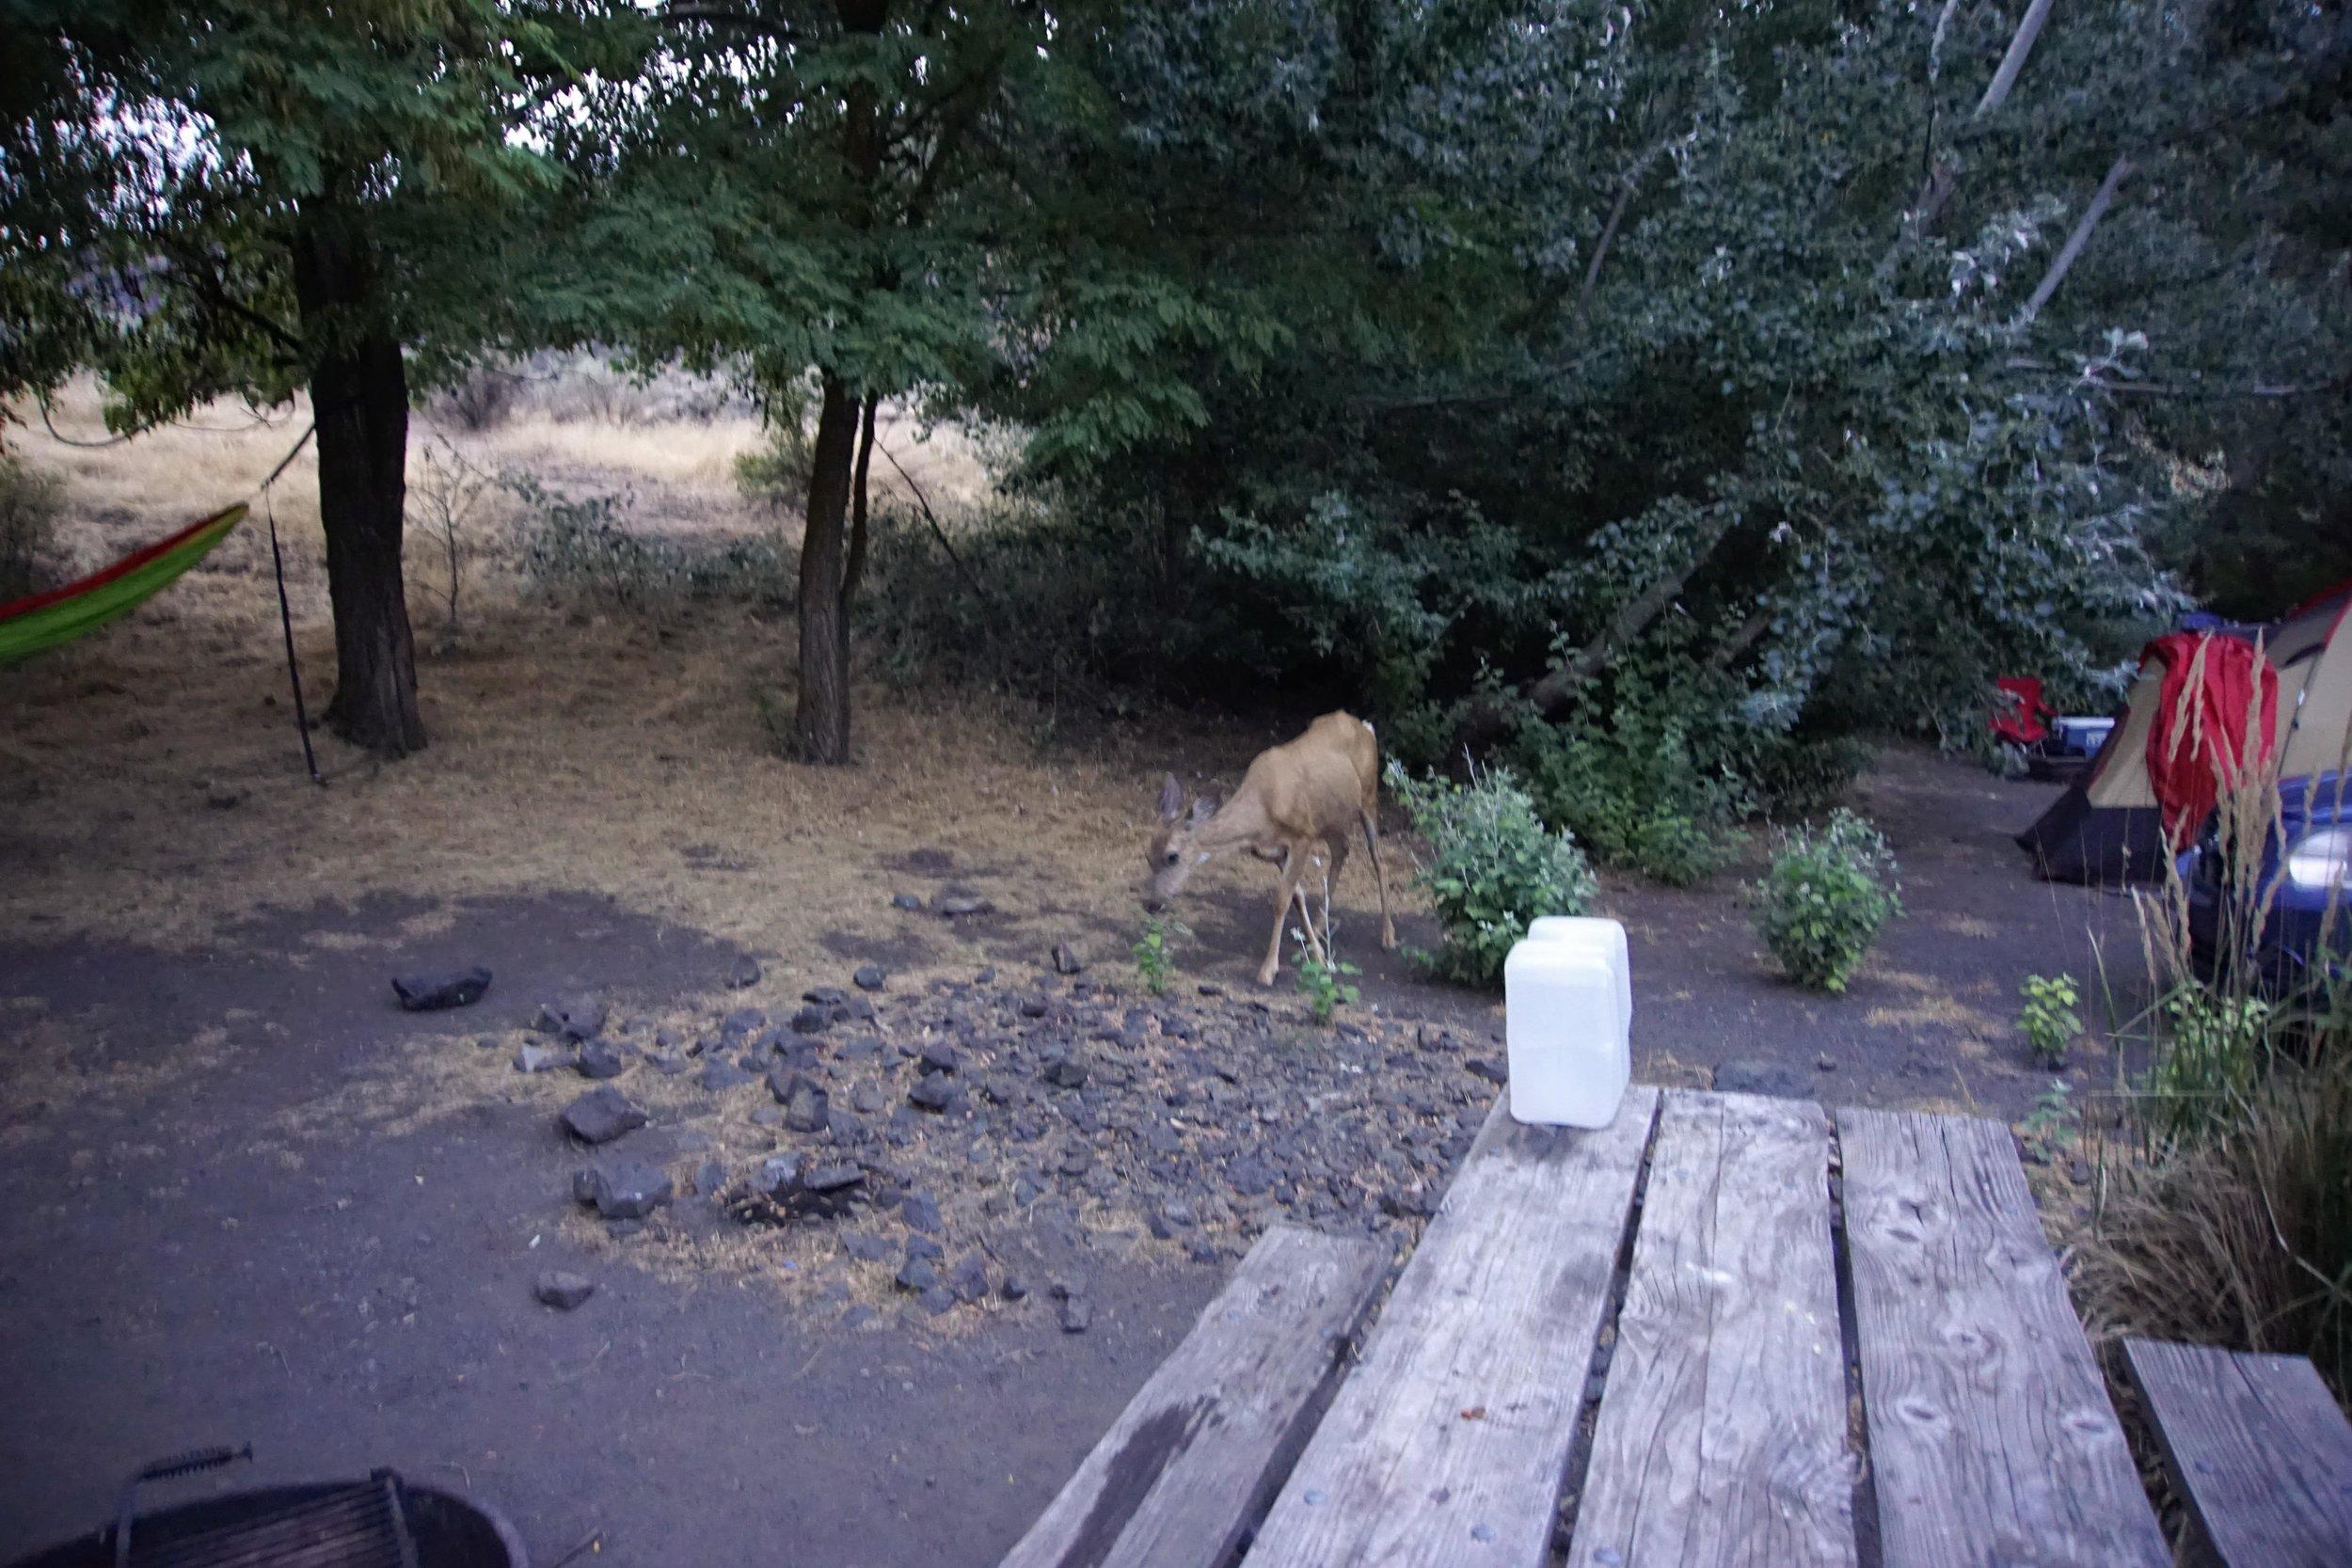 Deer in campsite